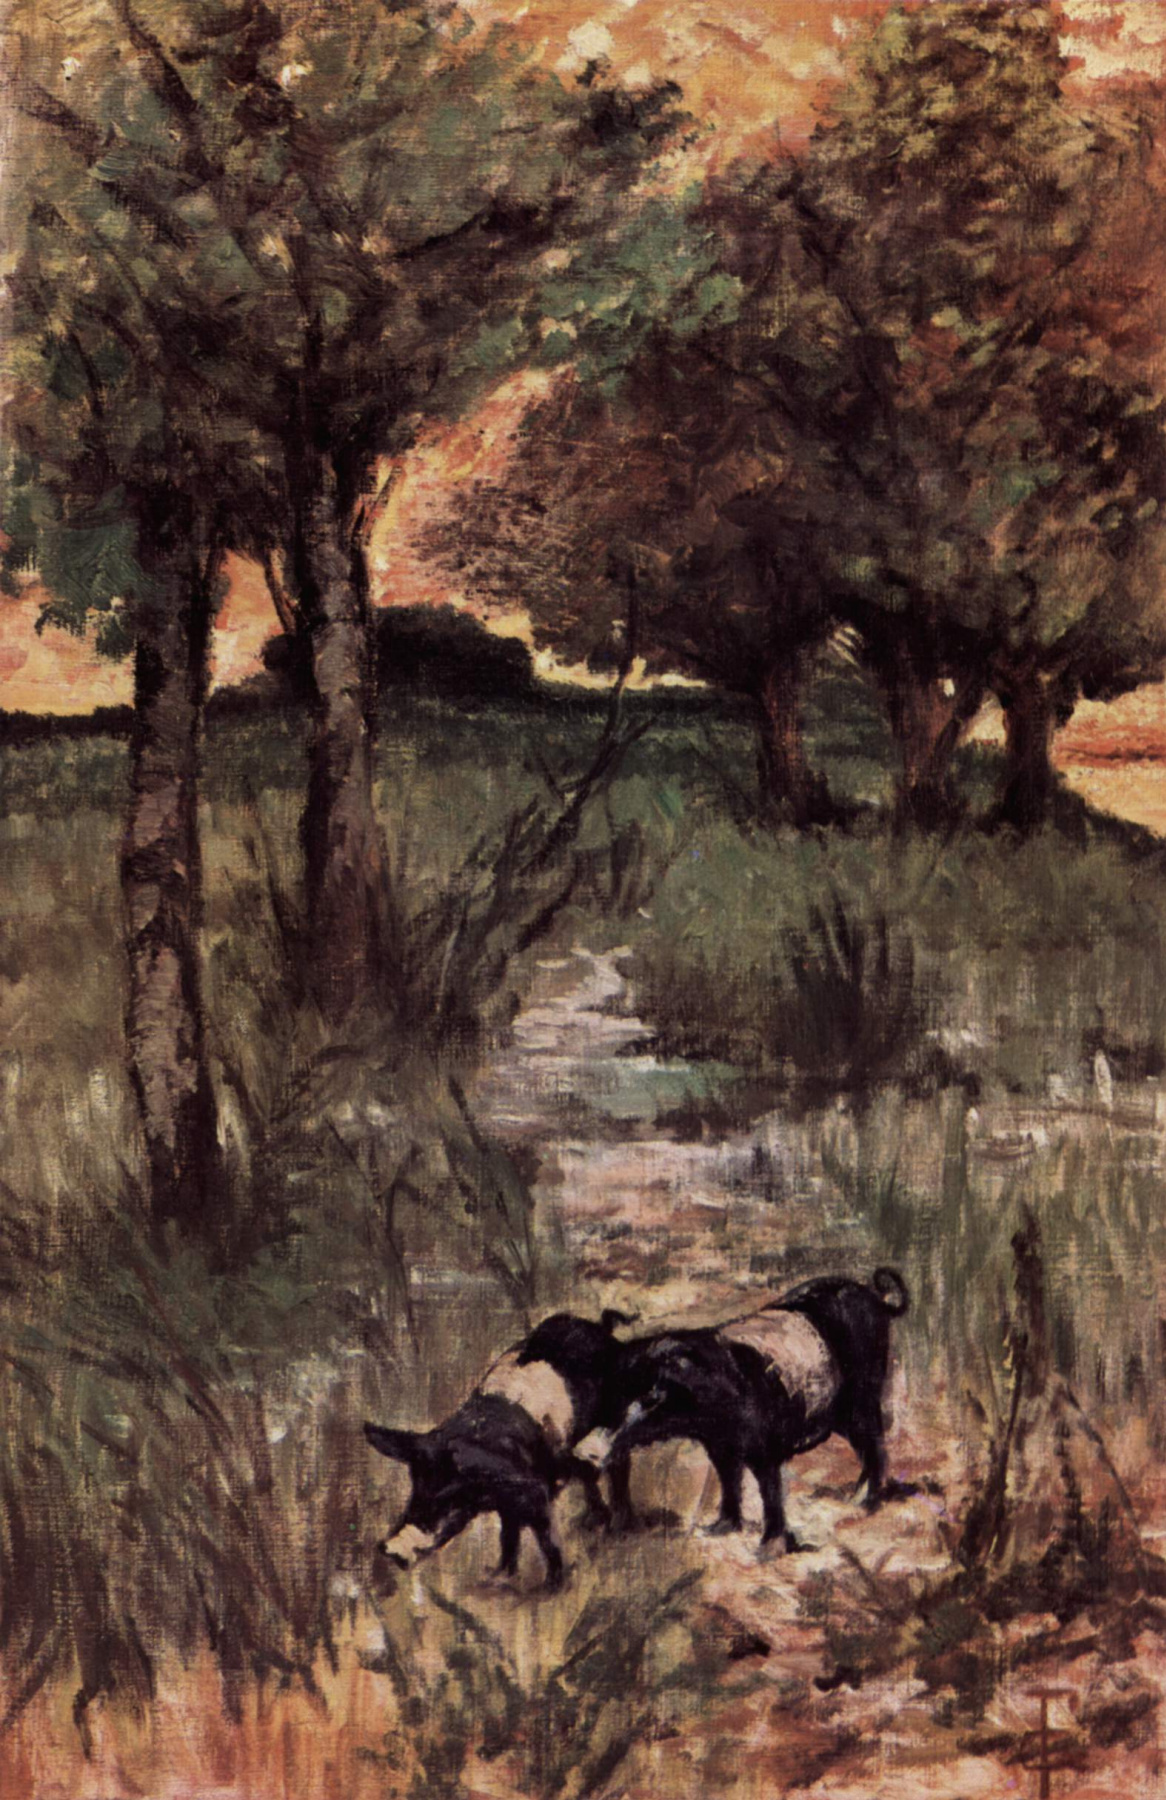 Giovanni Fattori. Two pigs in a pasture